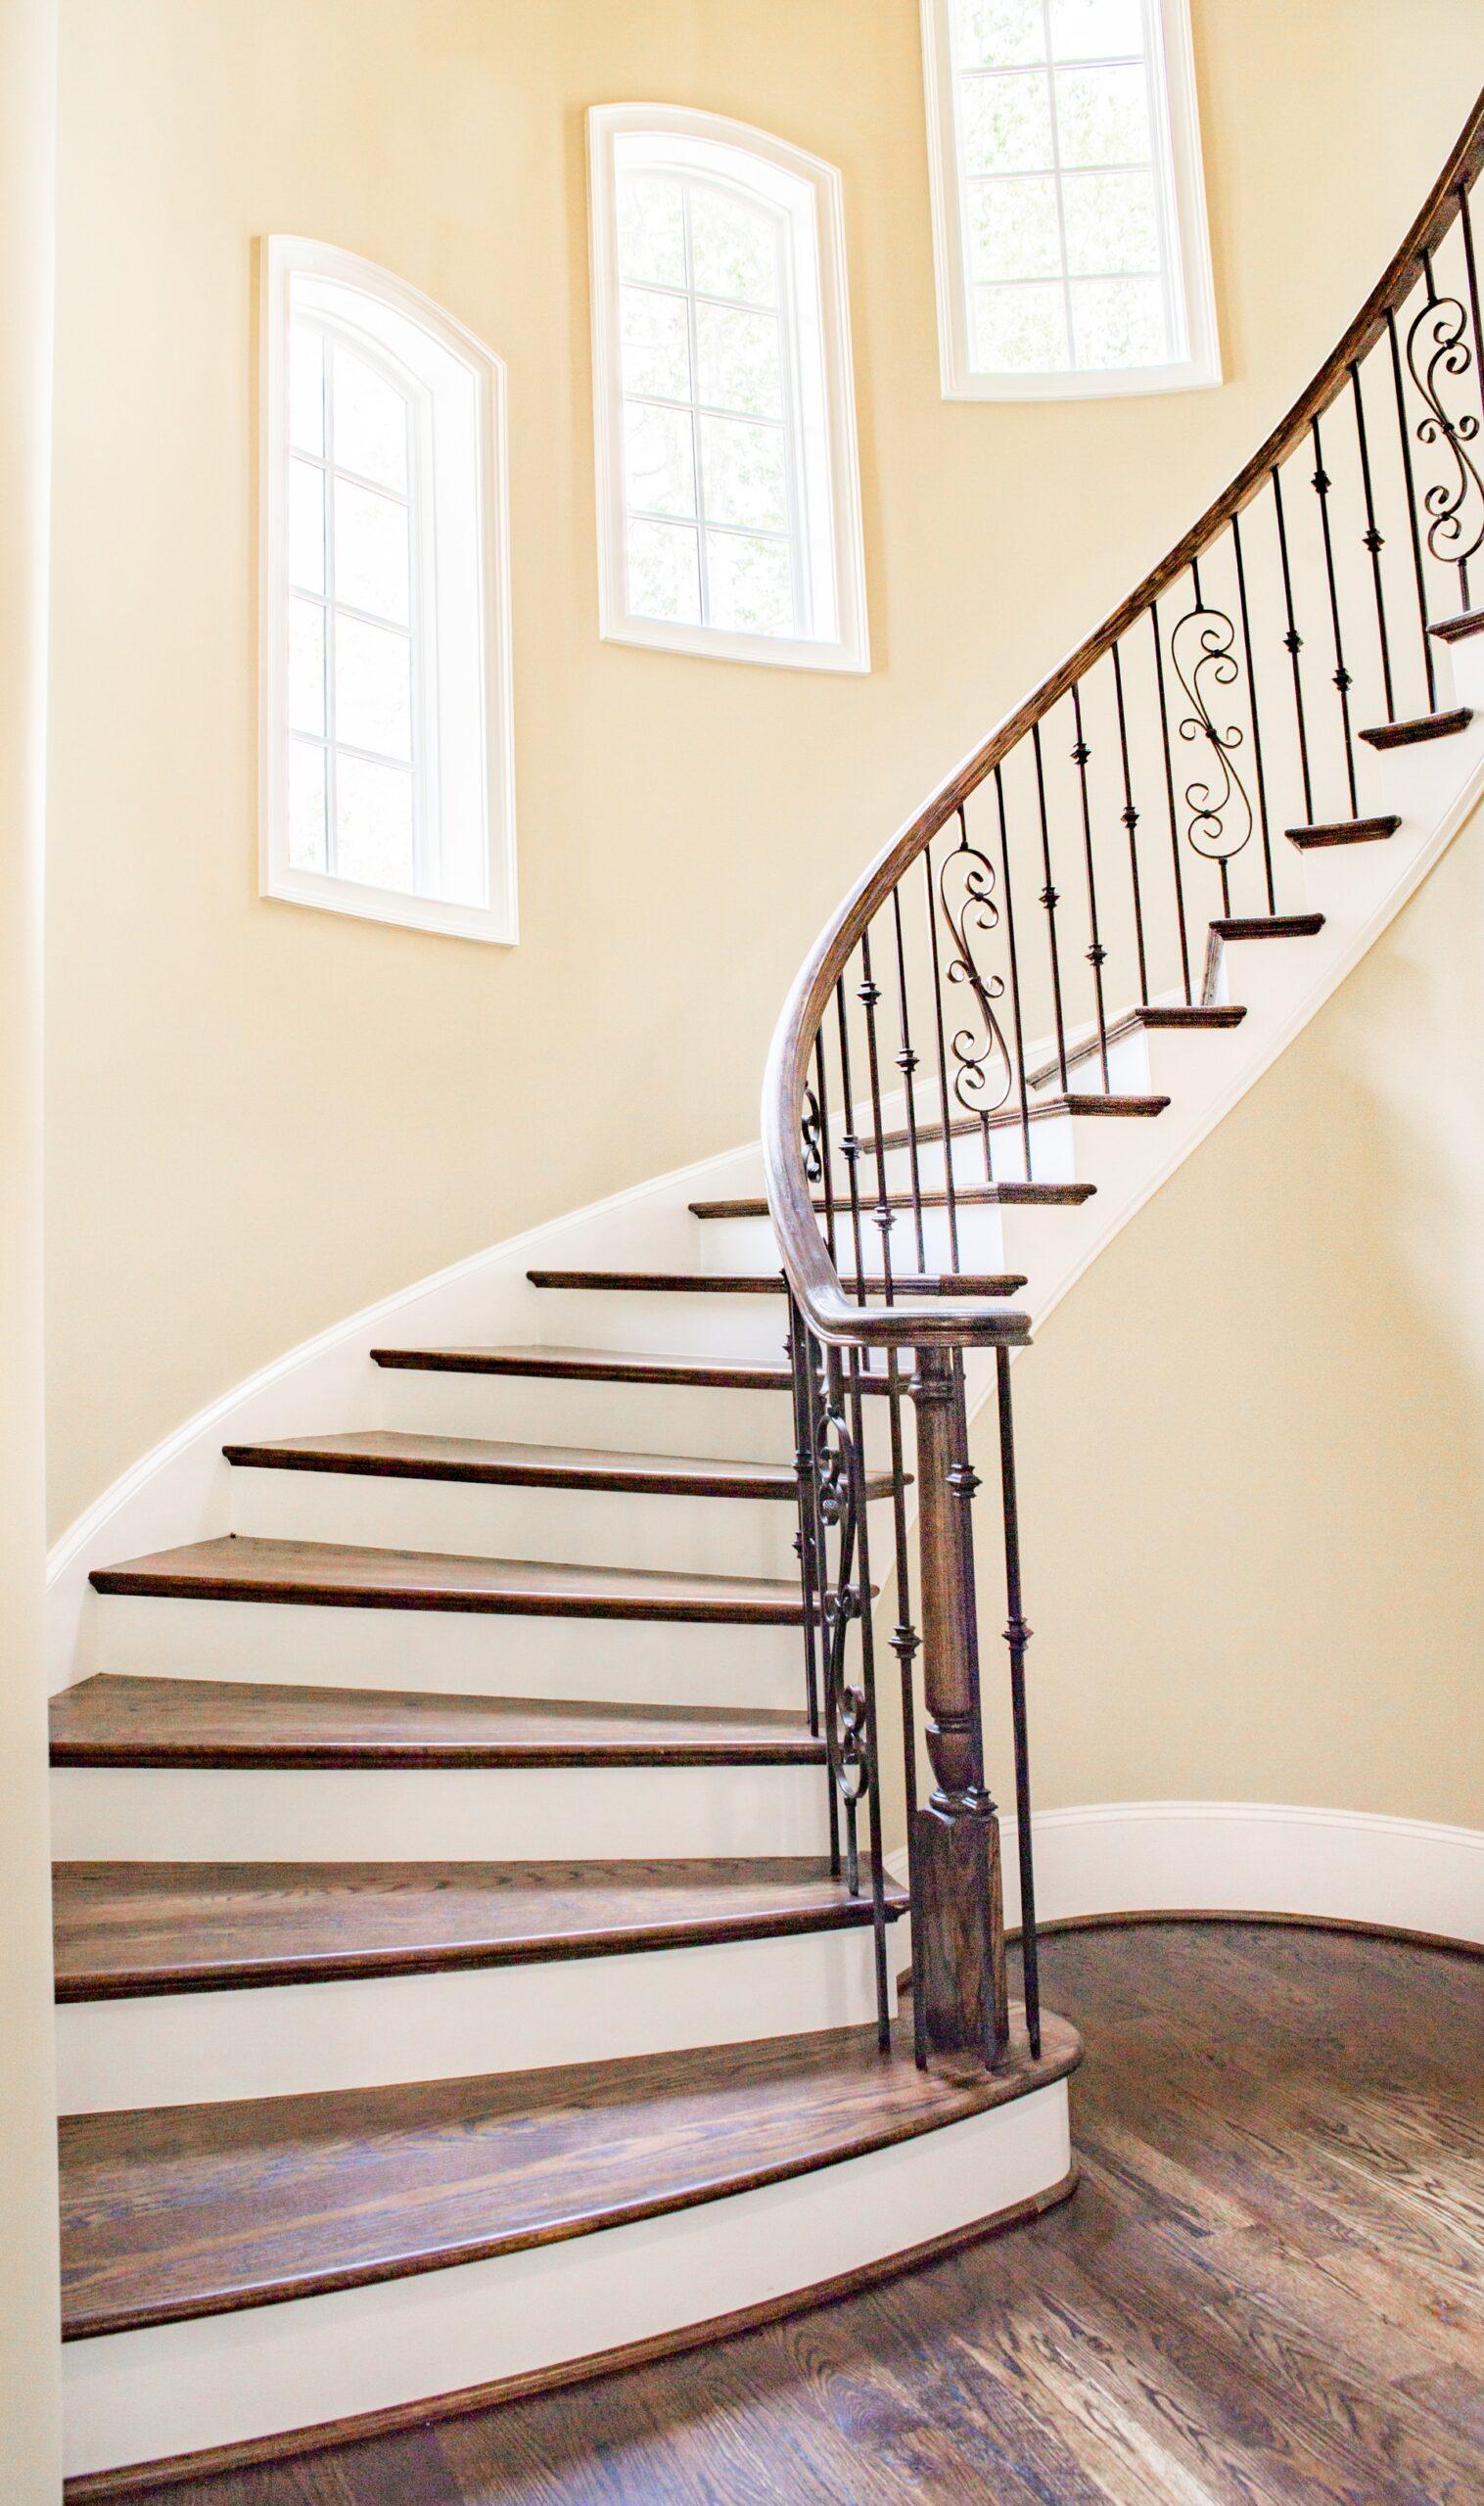 architecture-contemporary-design-handrail-210464